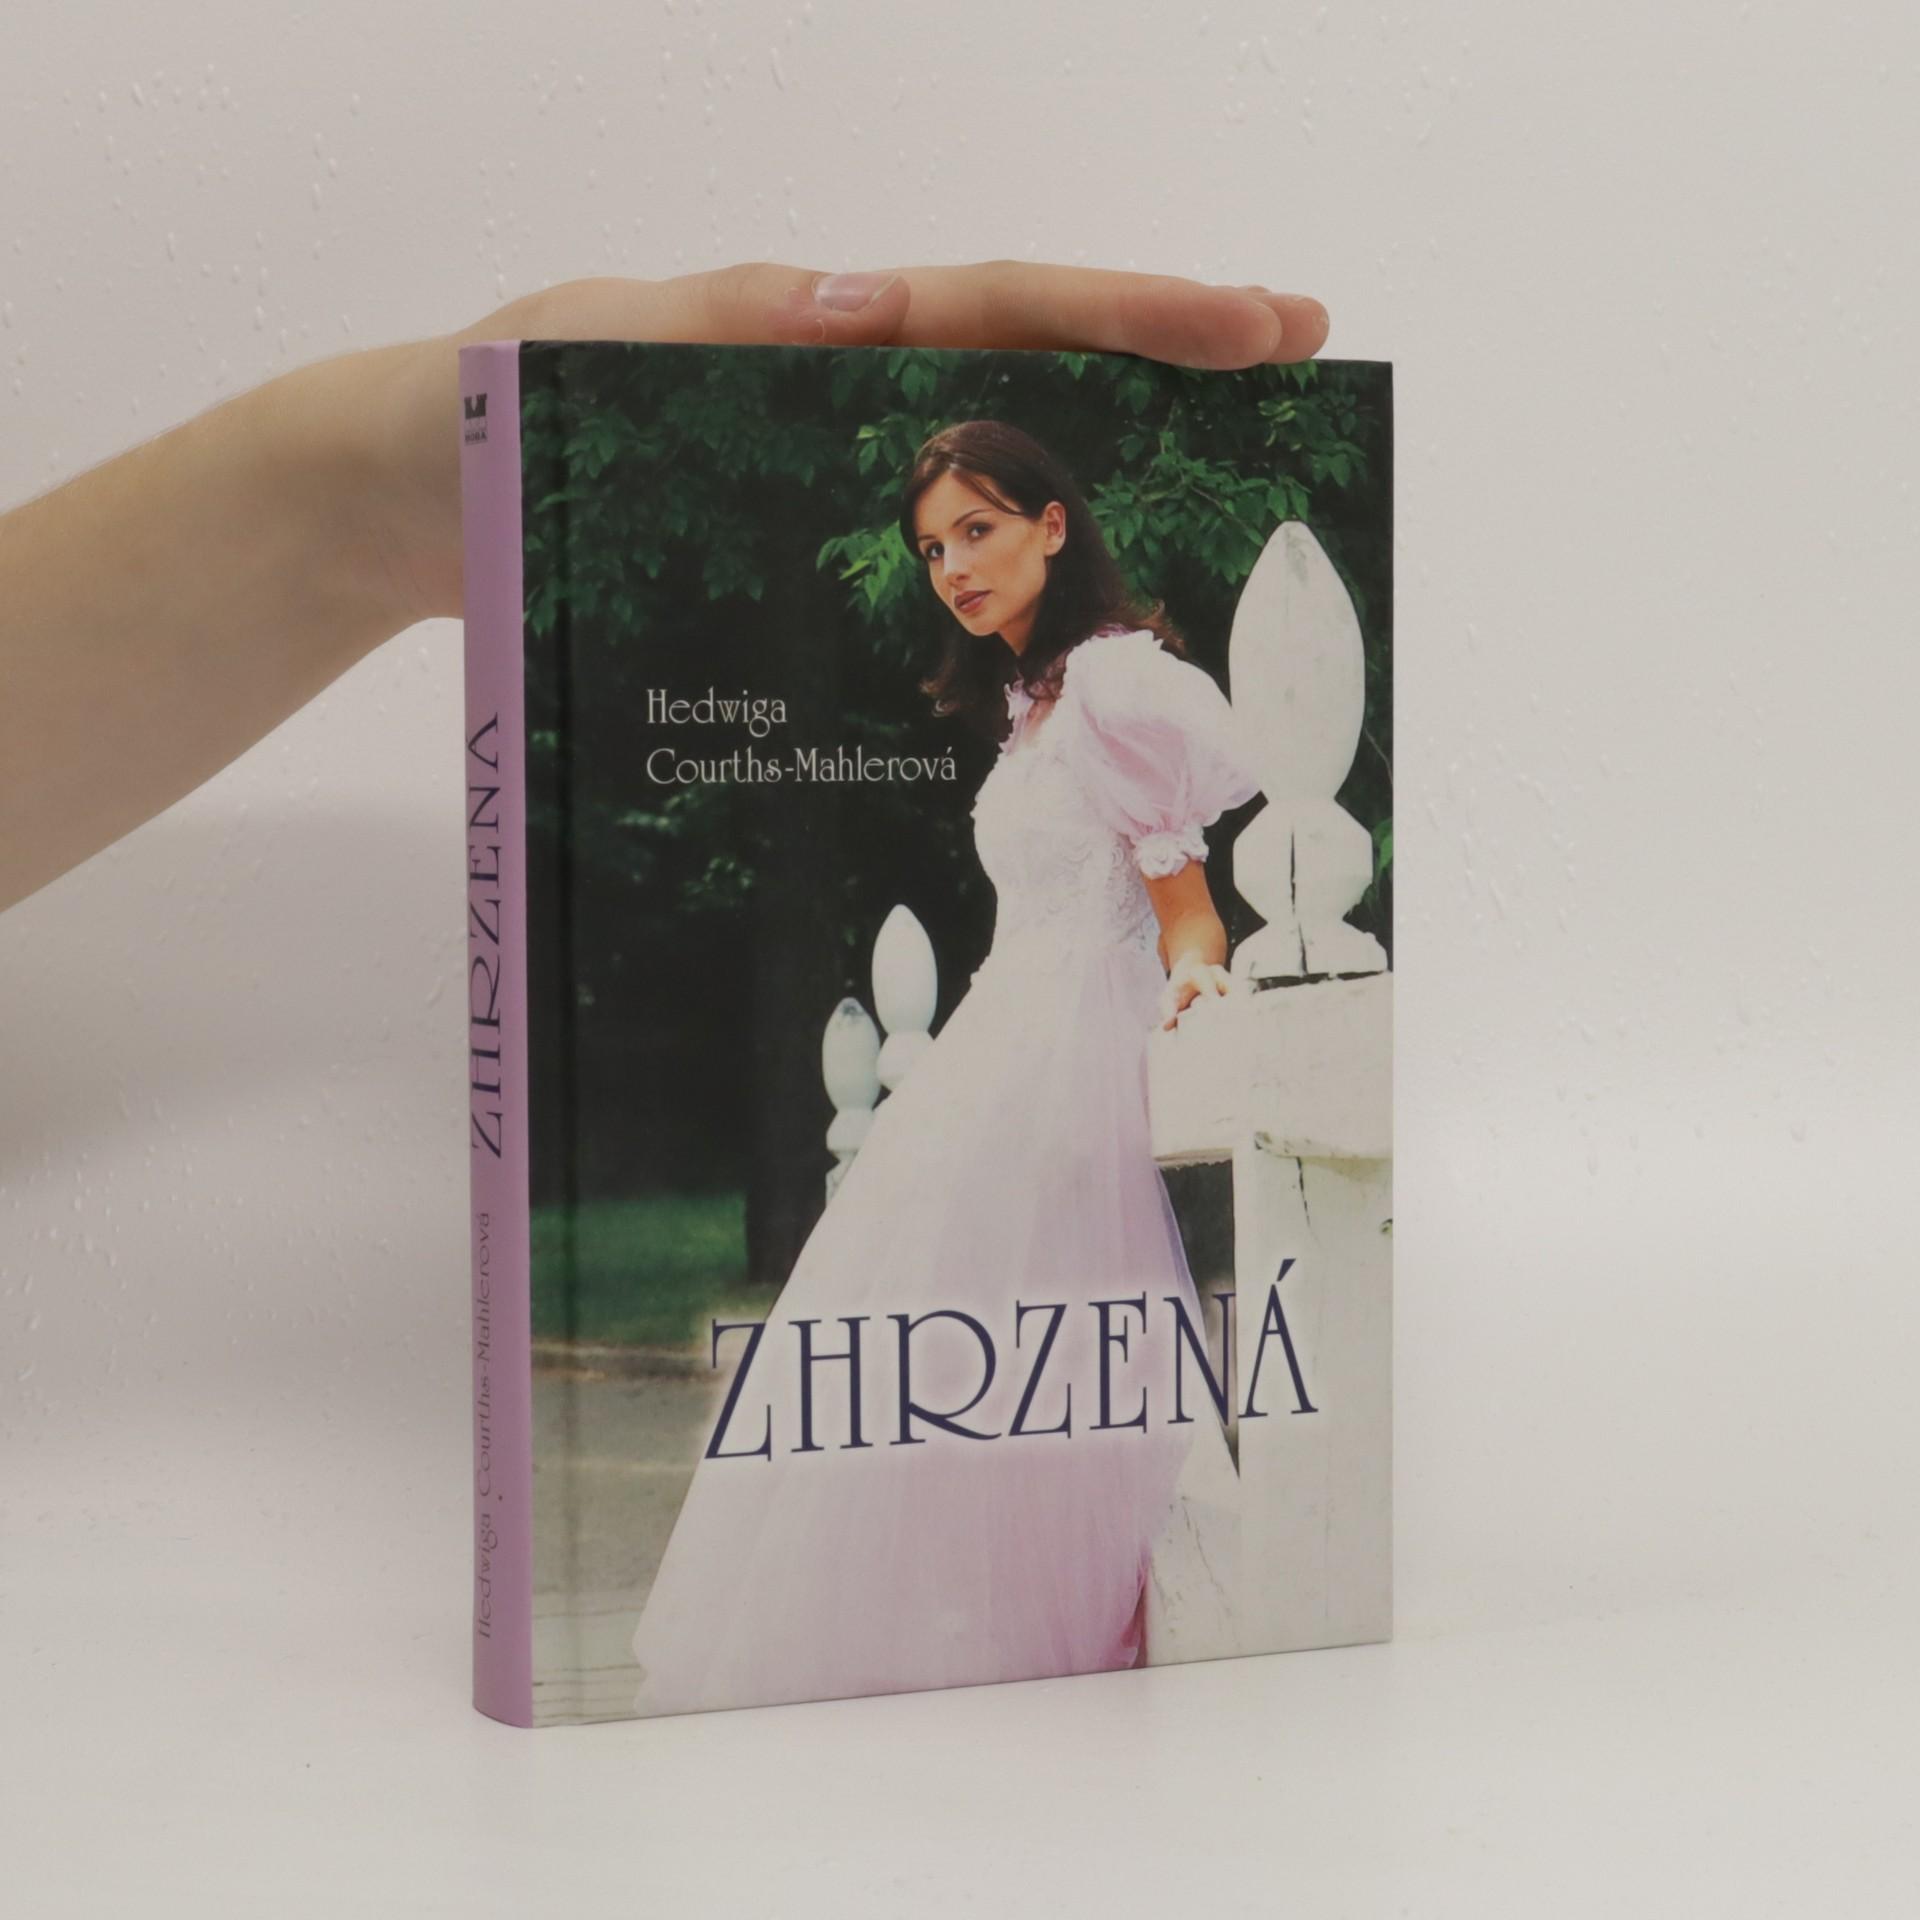 antikvární kniha Zhrzená, 2008